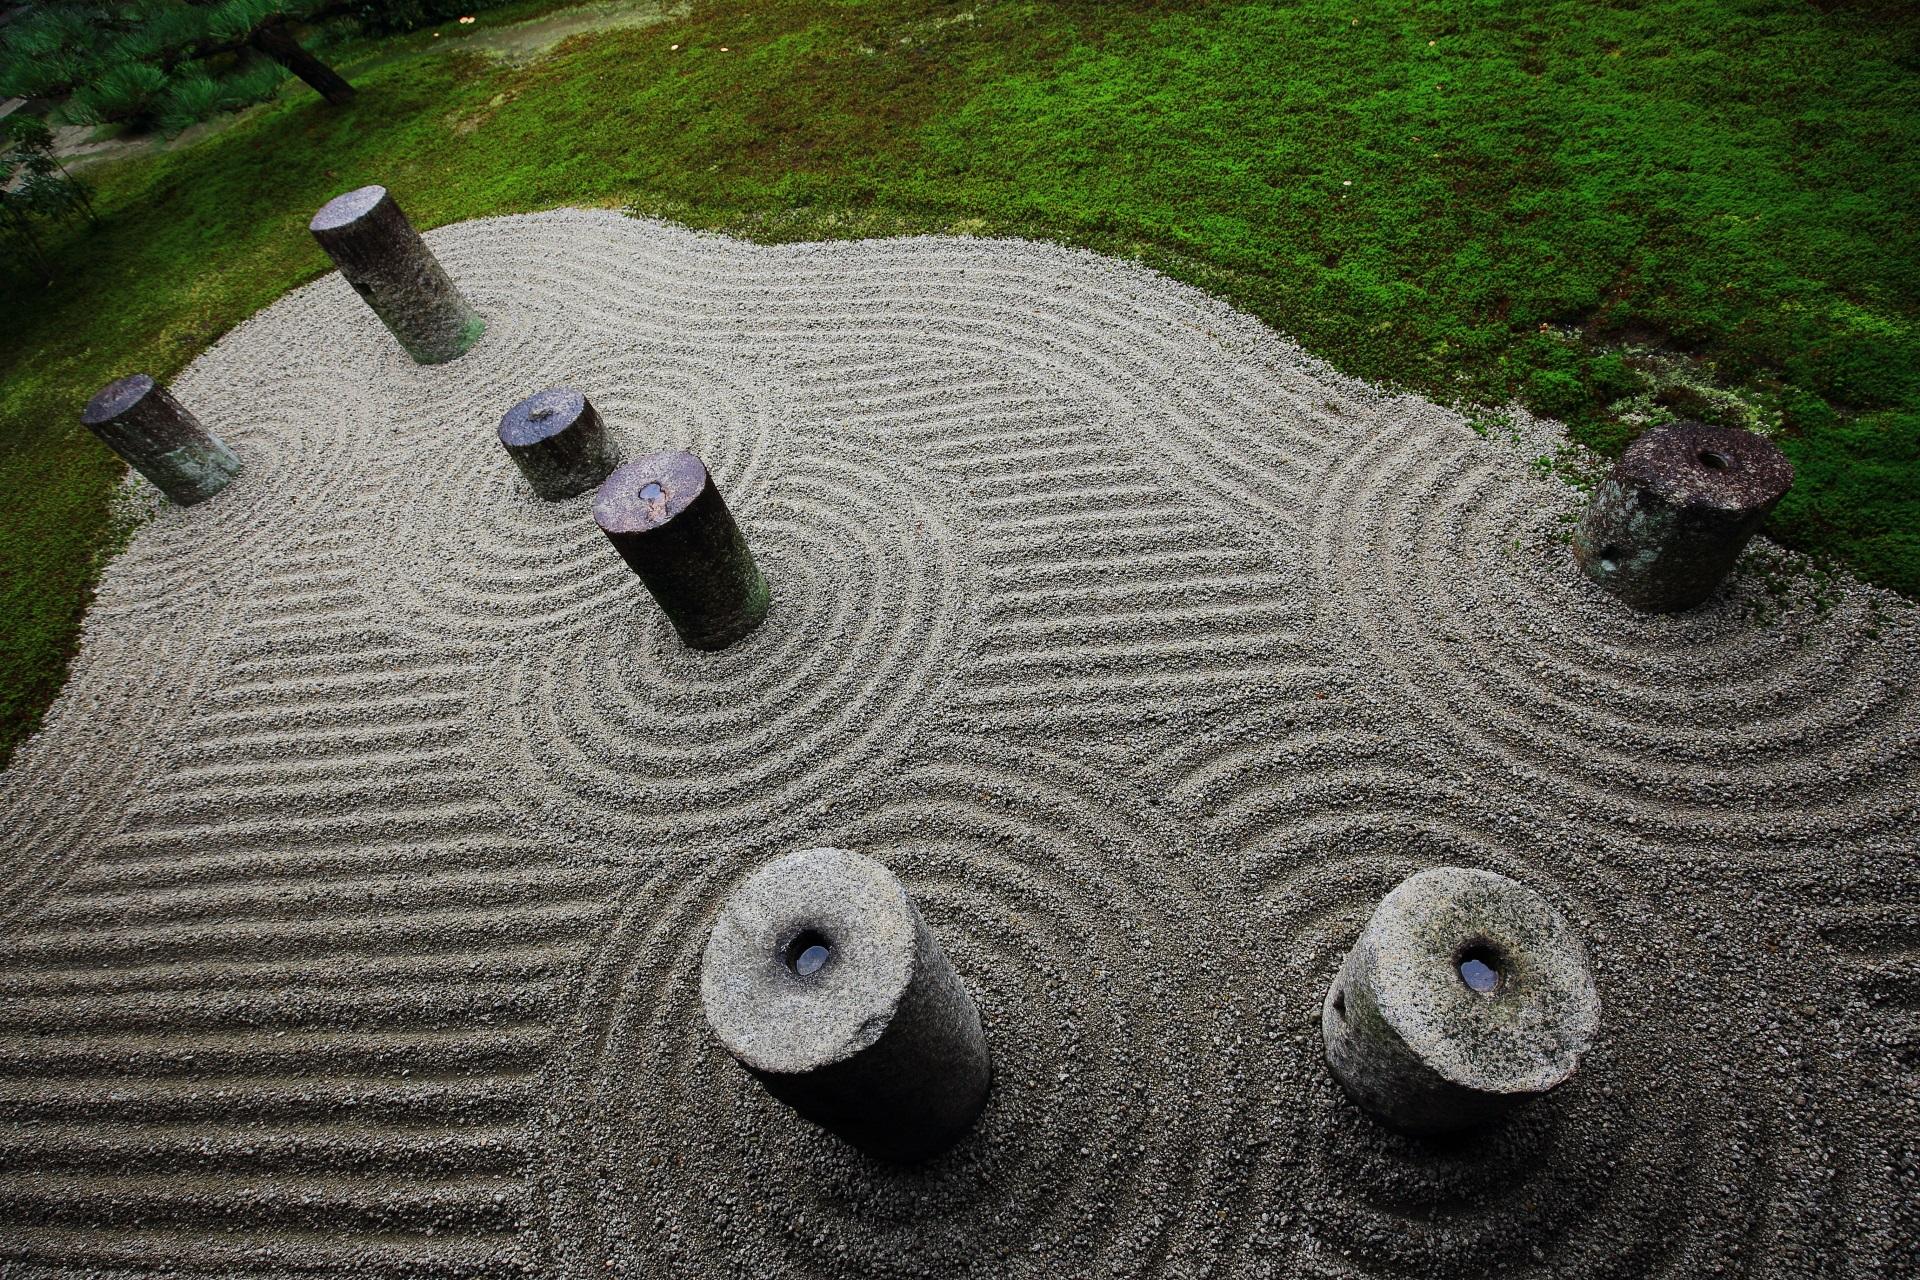 東福寺の北斗七星と雲文様の庭園